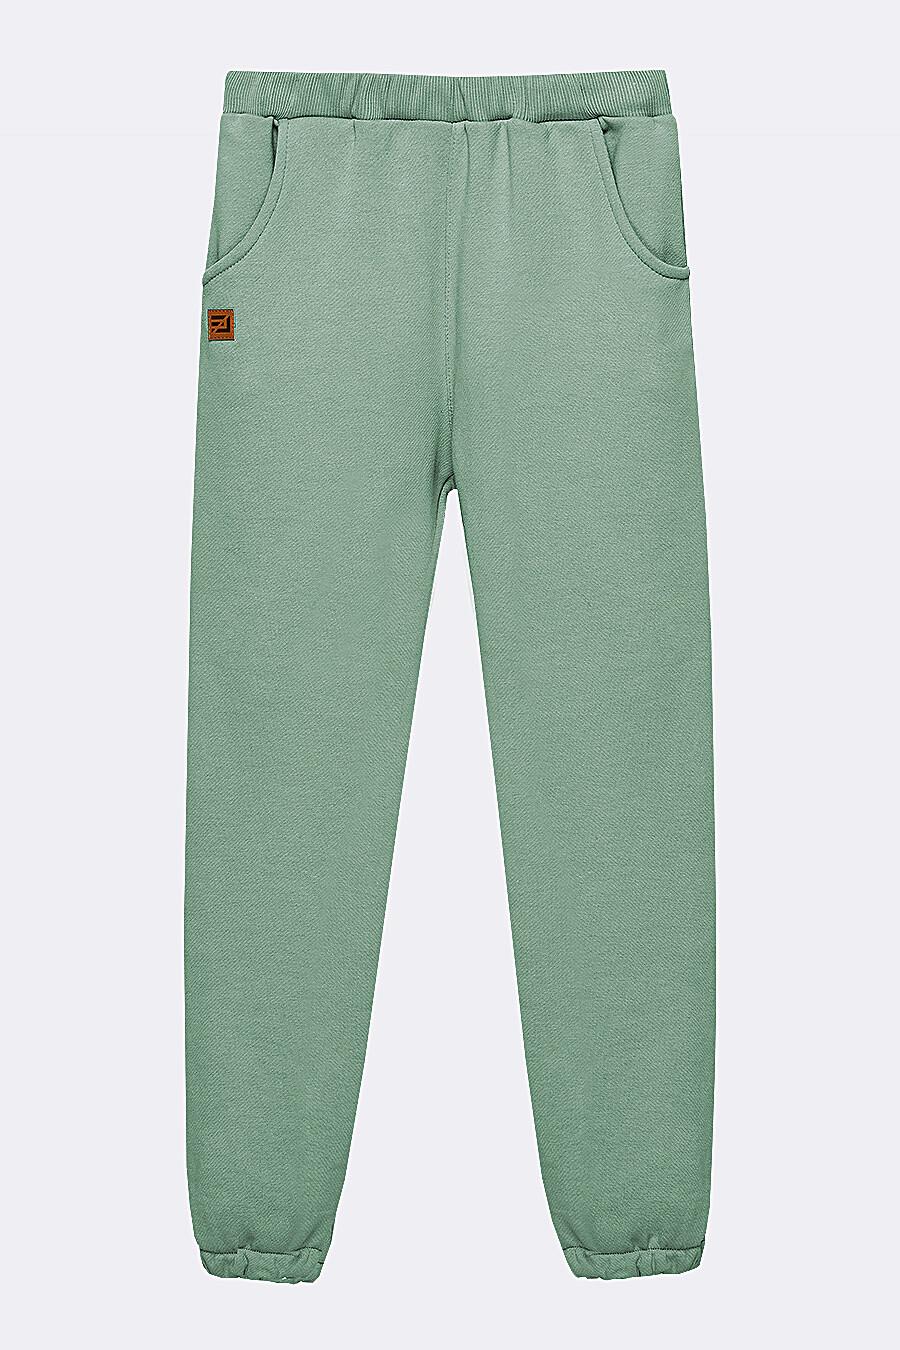 Костюм(Худи+Брюки) для девочек EZANNA 682728 купить оптом от производителя. Совместная покупка детской одежды в OptMoyo